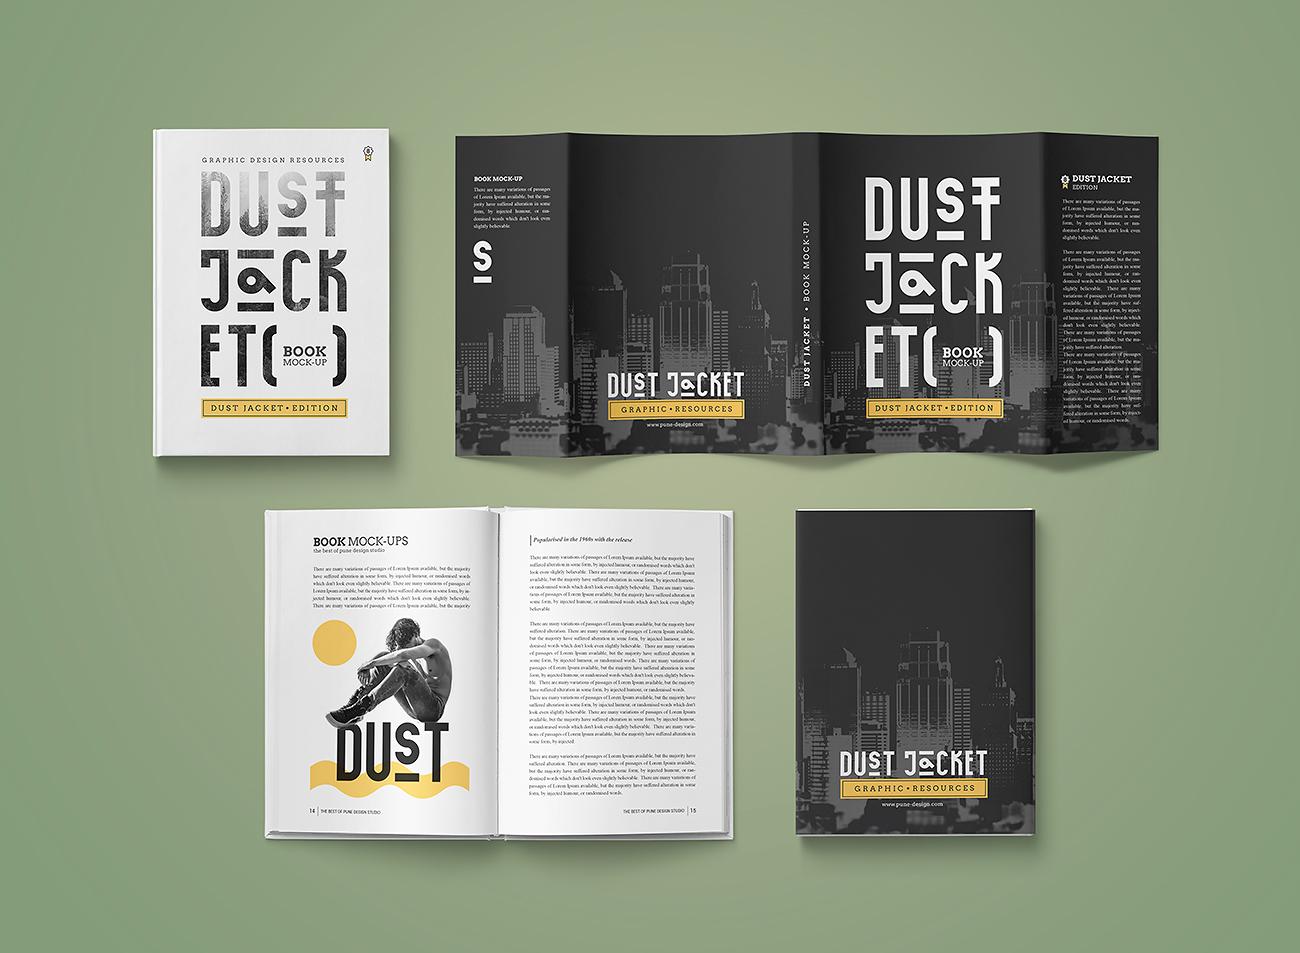 Book Mock Up Dust Jacket Edition Pune Design